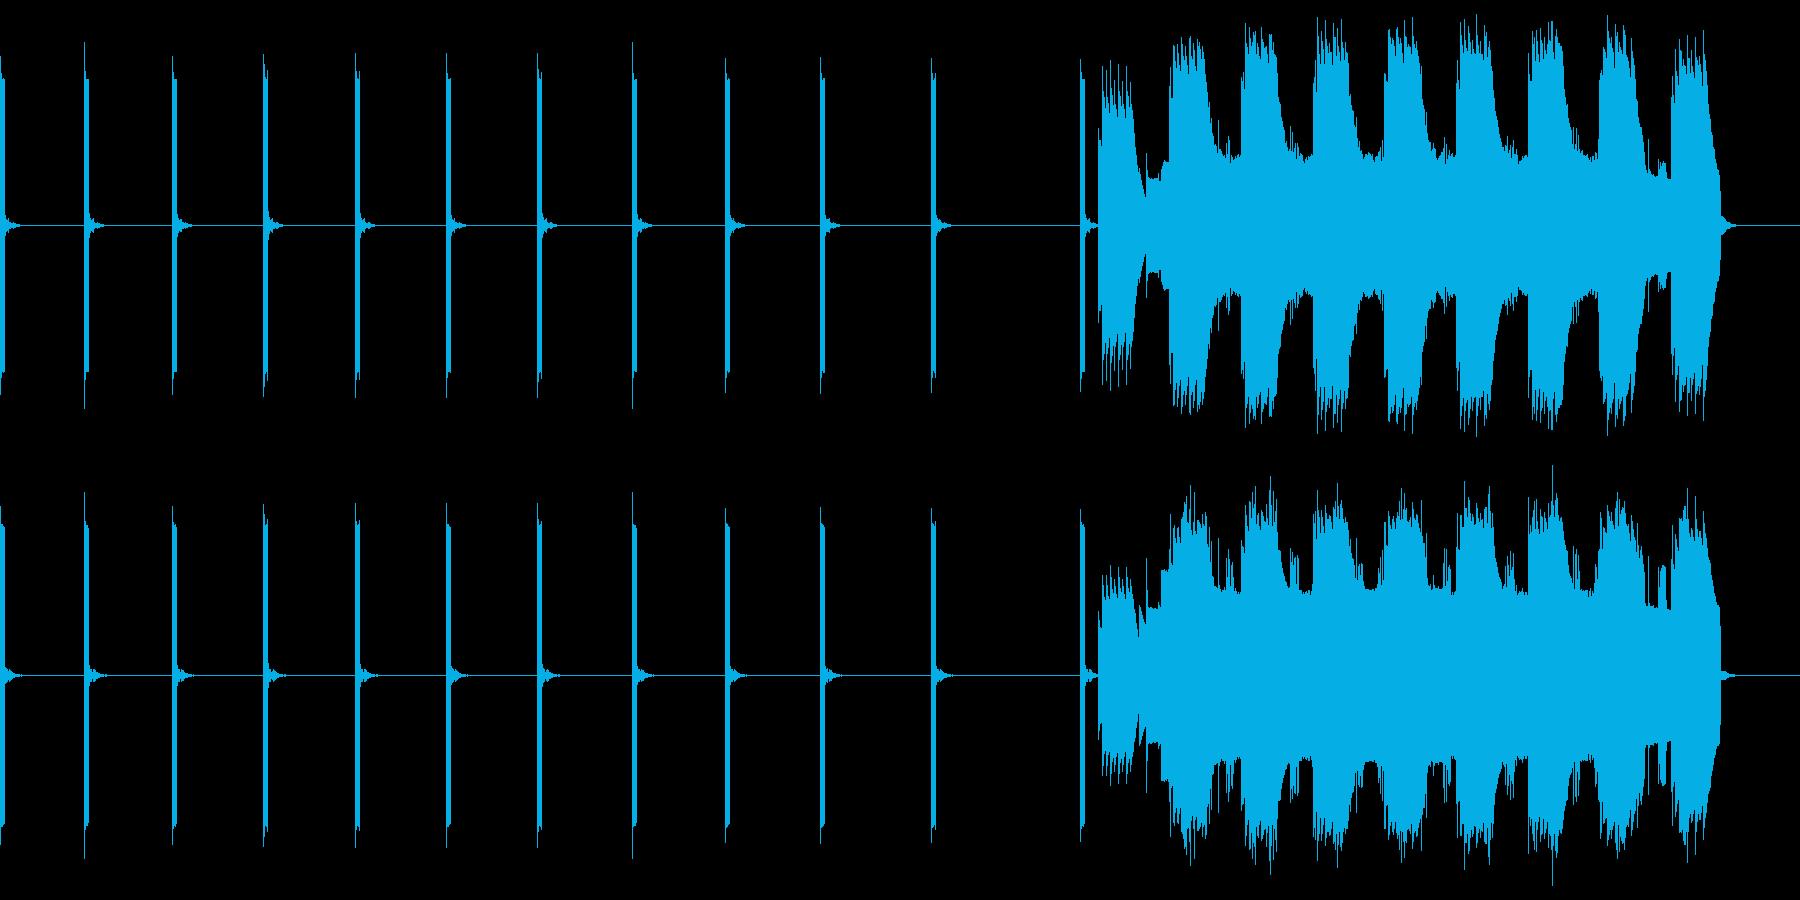 「心停止」ECGモニター(心電図)の再生済みの波形